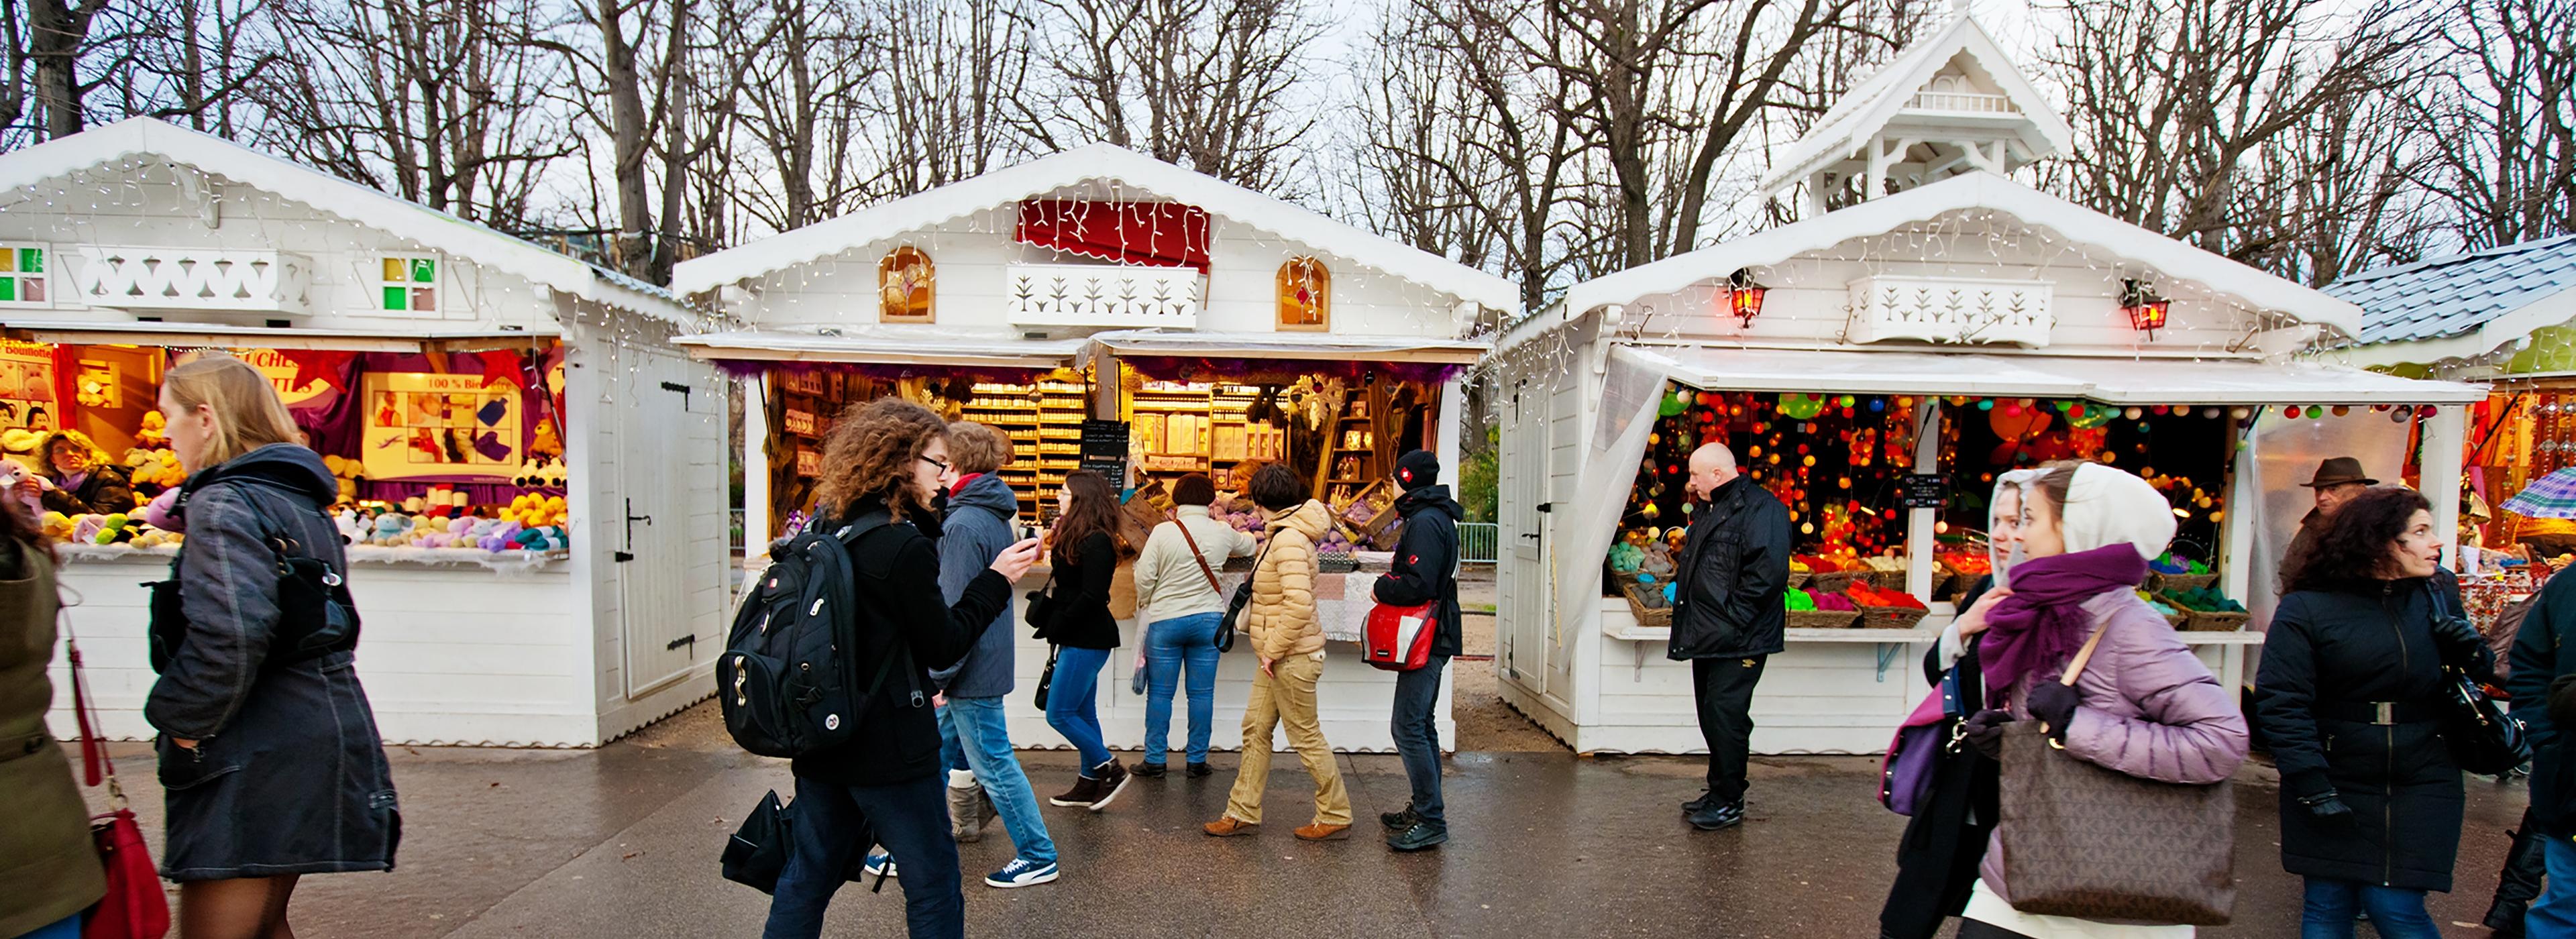 Christmas Market tour in Paris